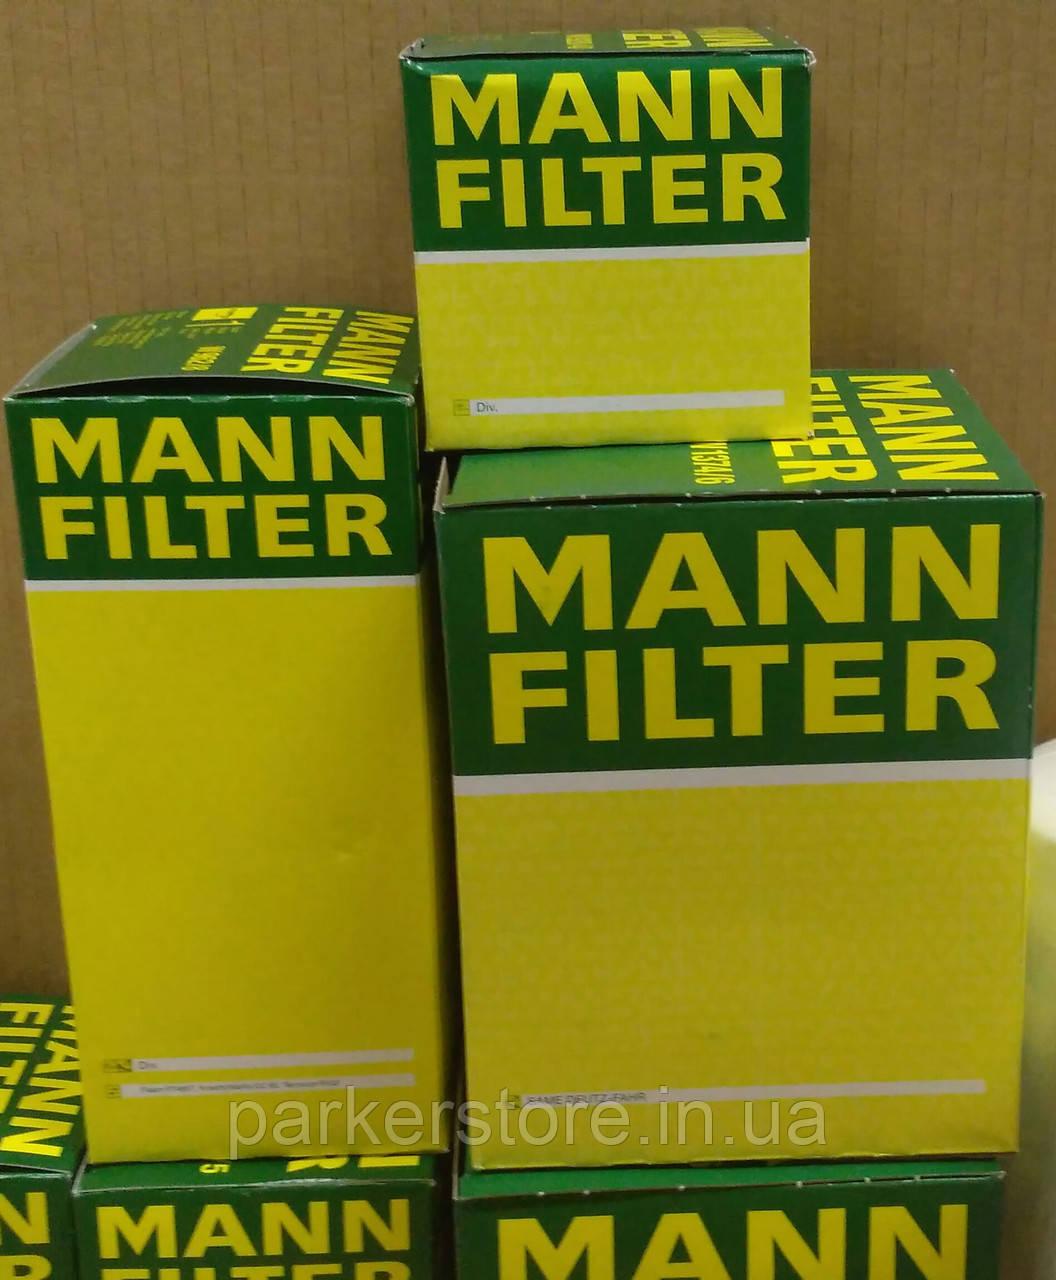 MANN FILTER / Повітряний фільтр / C 2736/2 / C2736/2